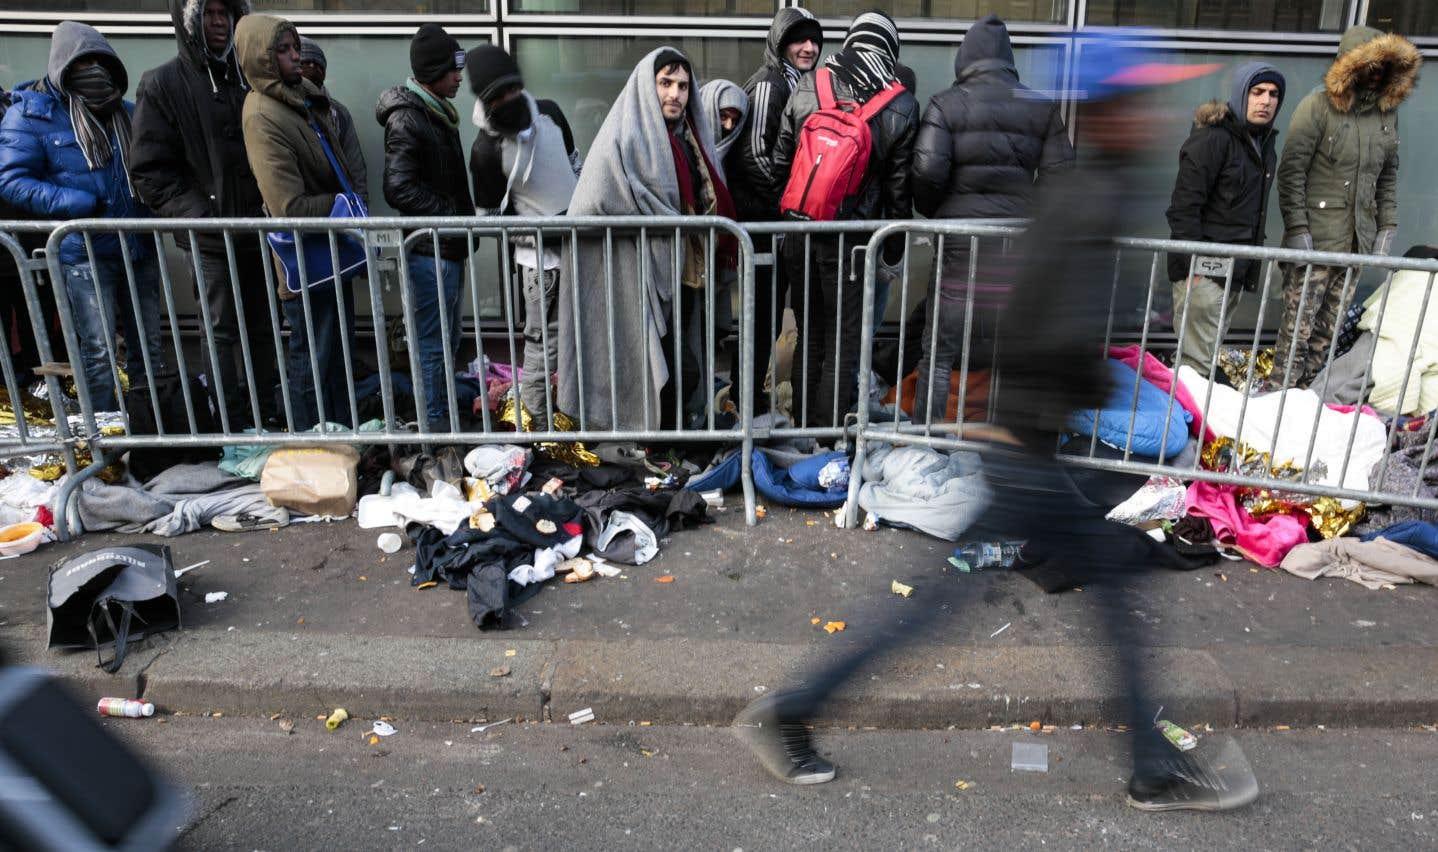 Des demandeurs d'asile font la queue devant la «plateforme d'accueil des réfugiés» de l'organisme France terre d'asile à Paris, en janvier 2017